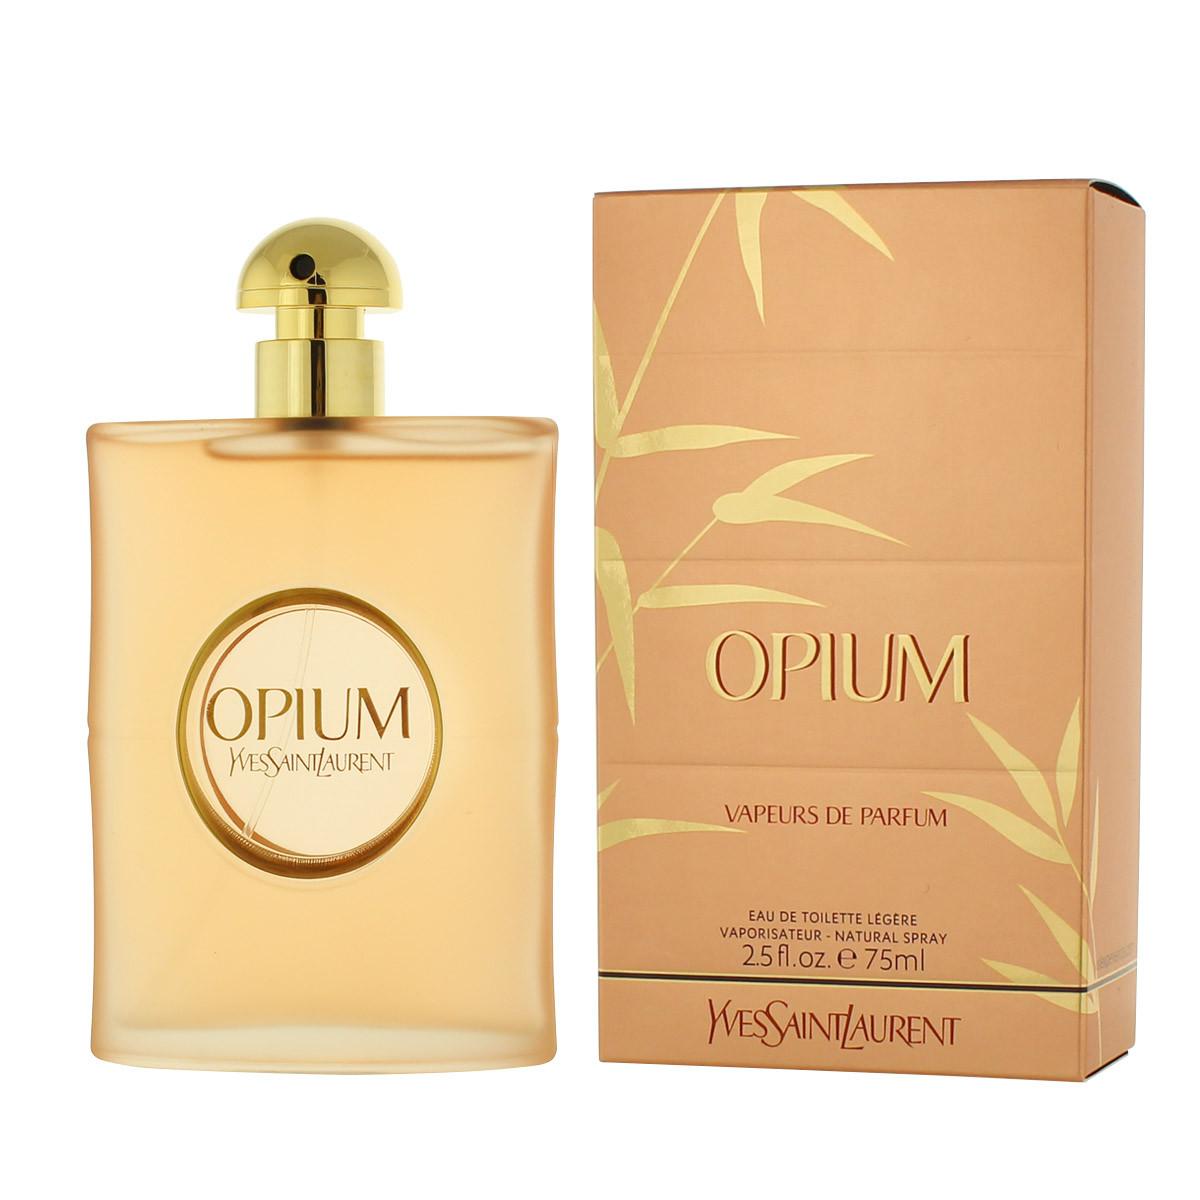 yves saint laurent opium vapeurs de parfum eau de toilette. Black Bedroom Furniture Sets. Home Design Ideas